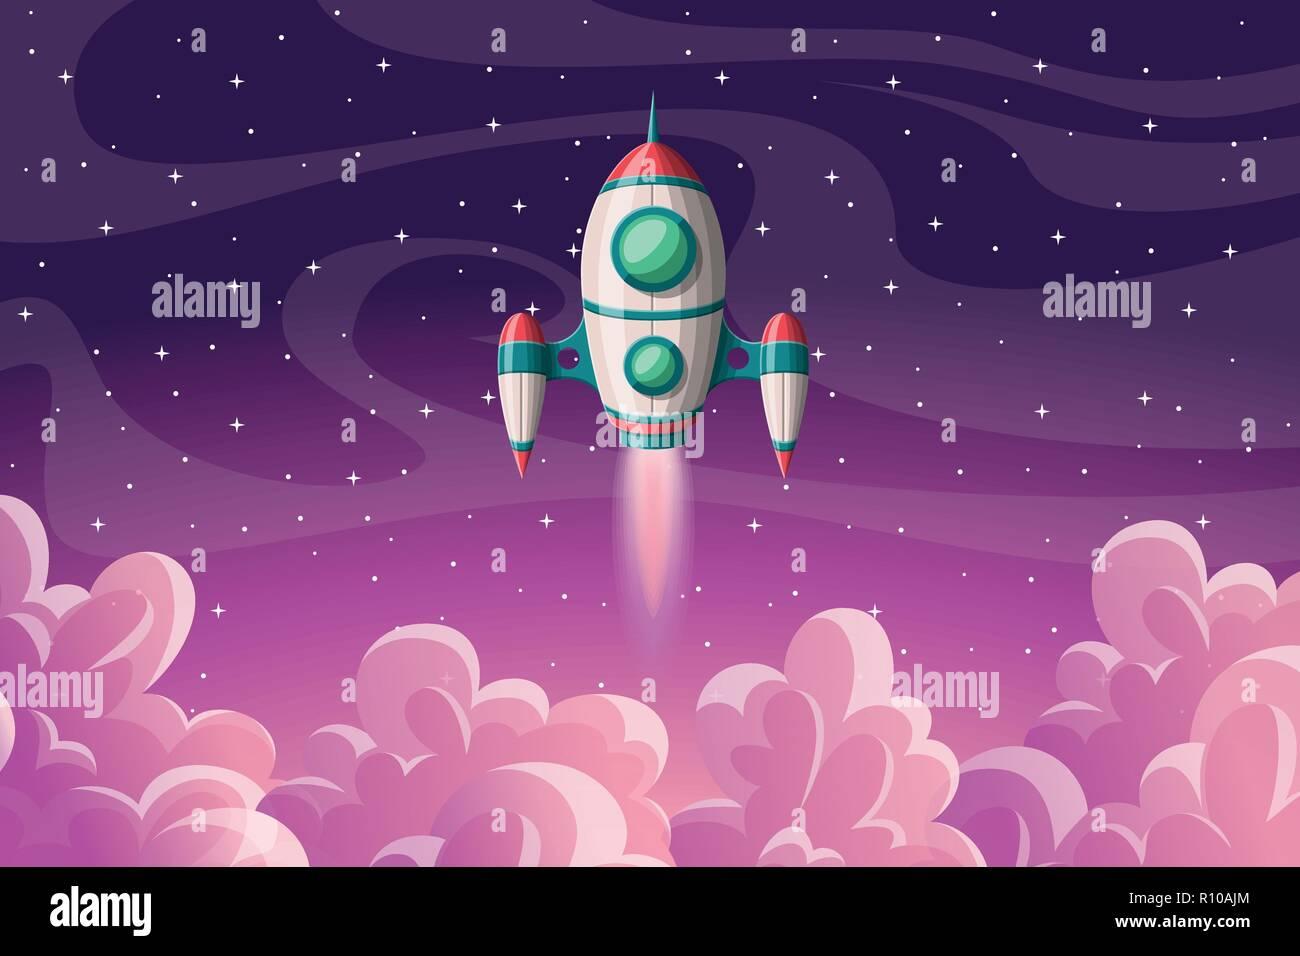 Lancio del razzo con nuvole e stelle, illustrazione vettoriale Immagini Stock